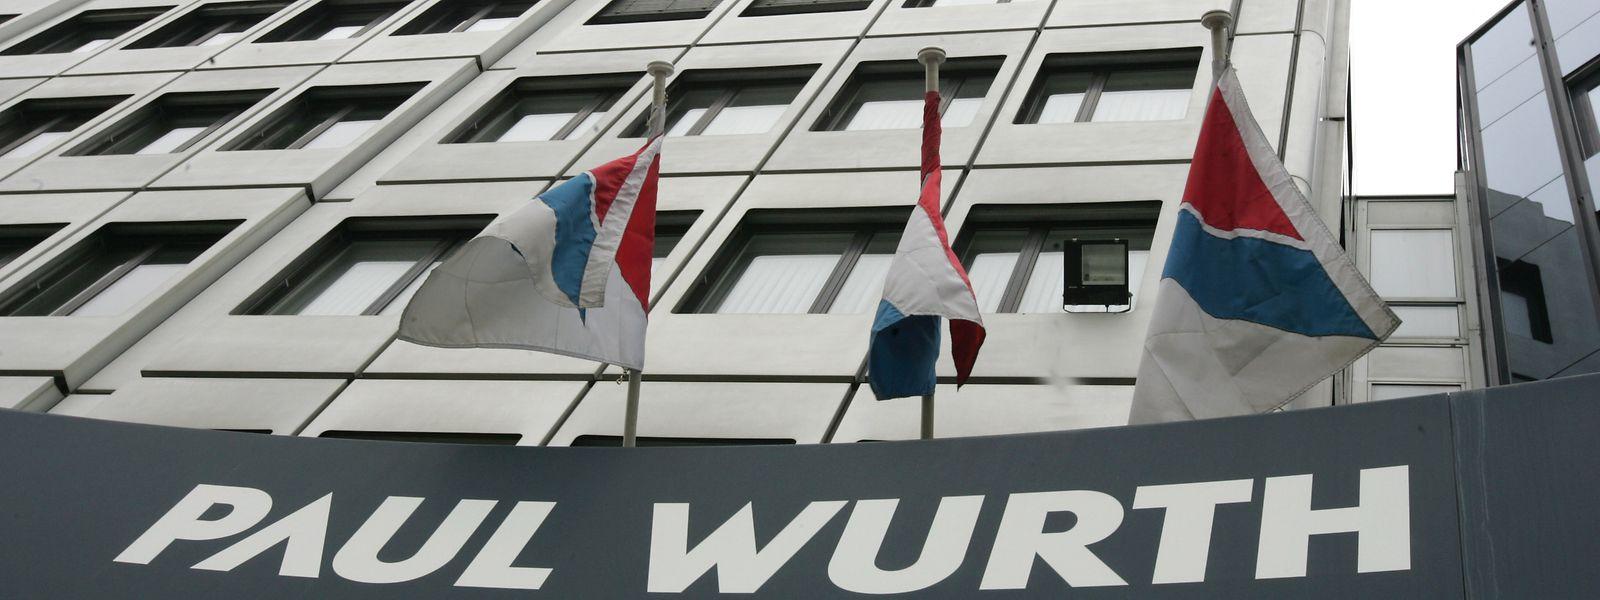 Depuis fin 2012, SMS était l'actionnaire majoritaire du groupe Paul Wurth. Il en est maintenant le seul.